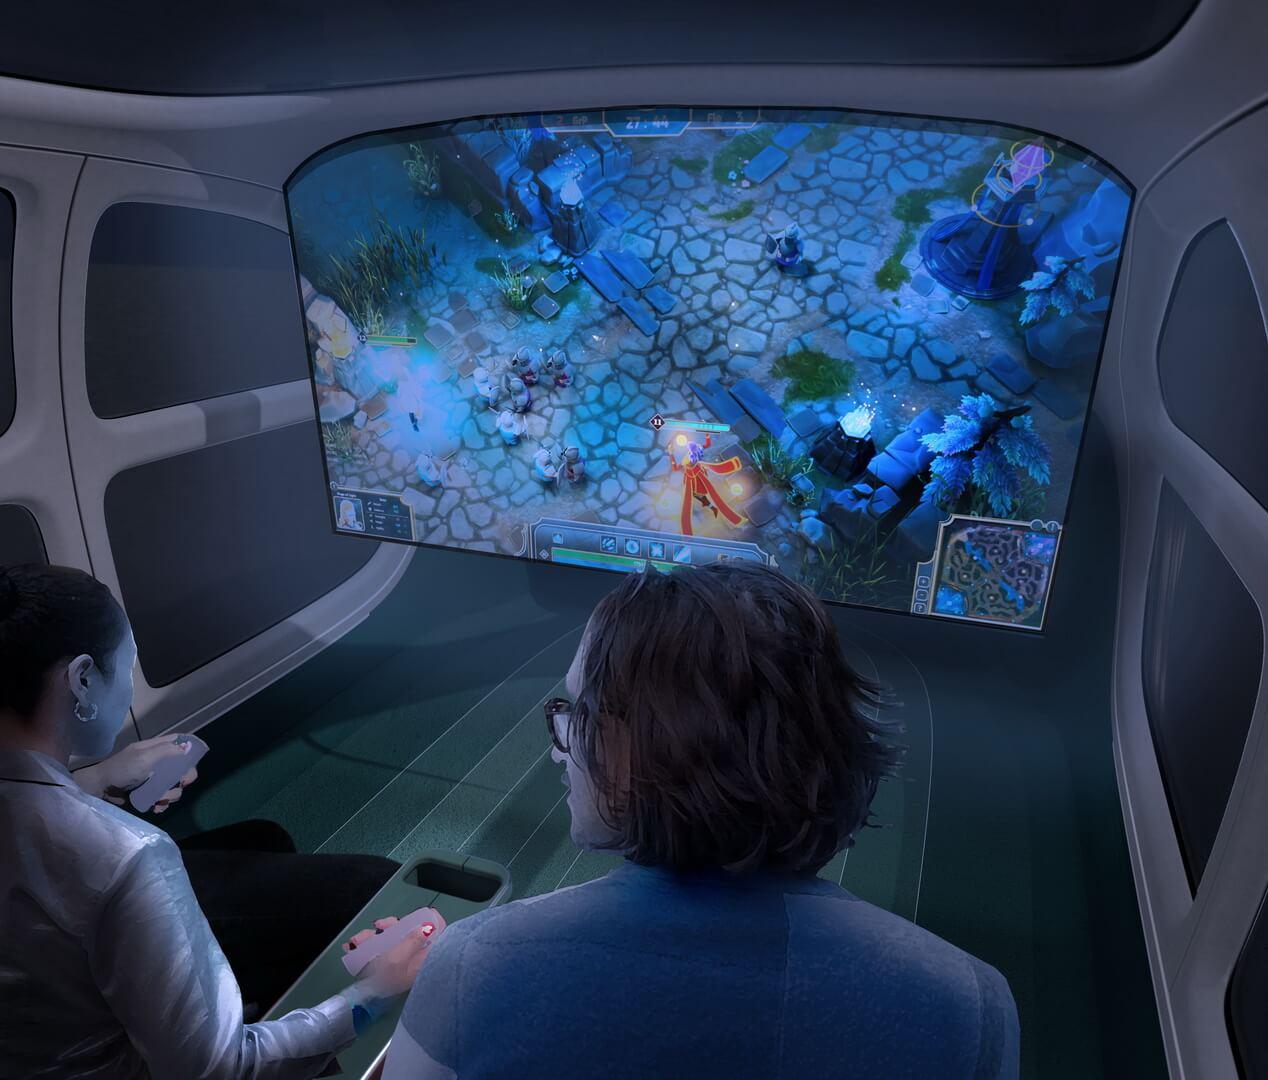 В Салоне можно развернуть экран для просмотра фильмов или игр